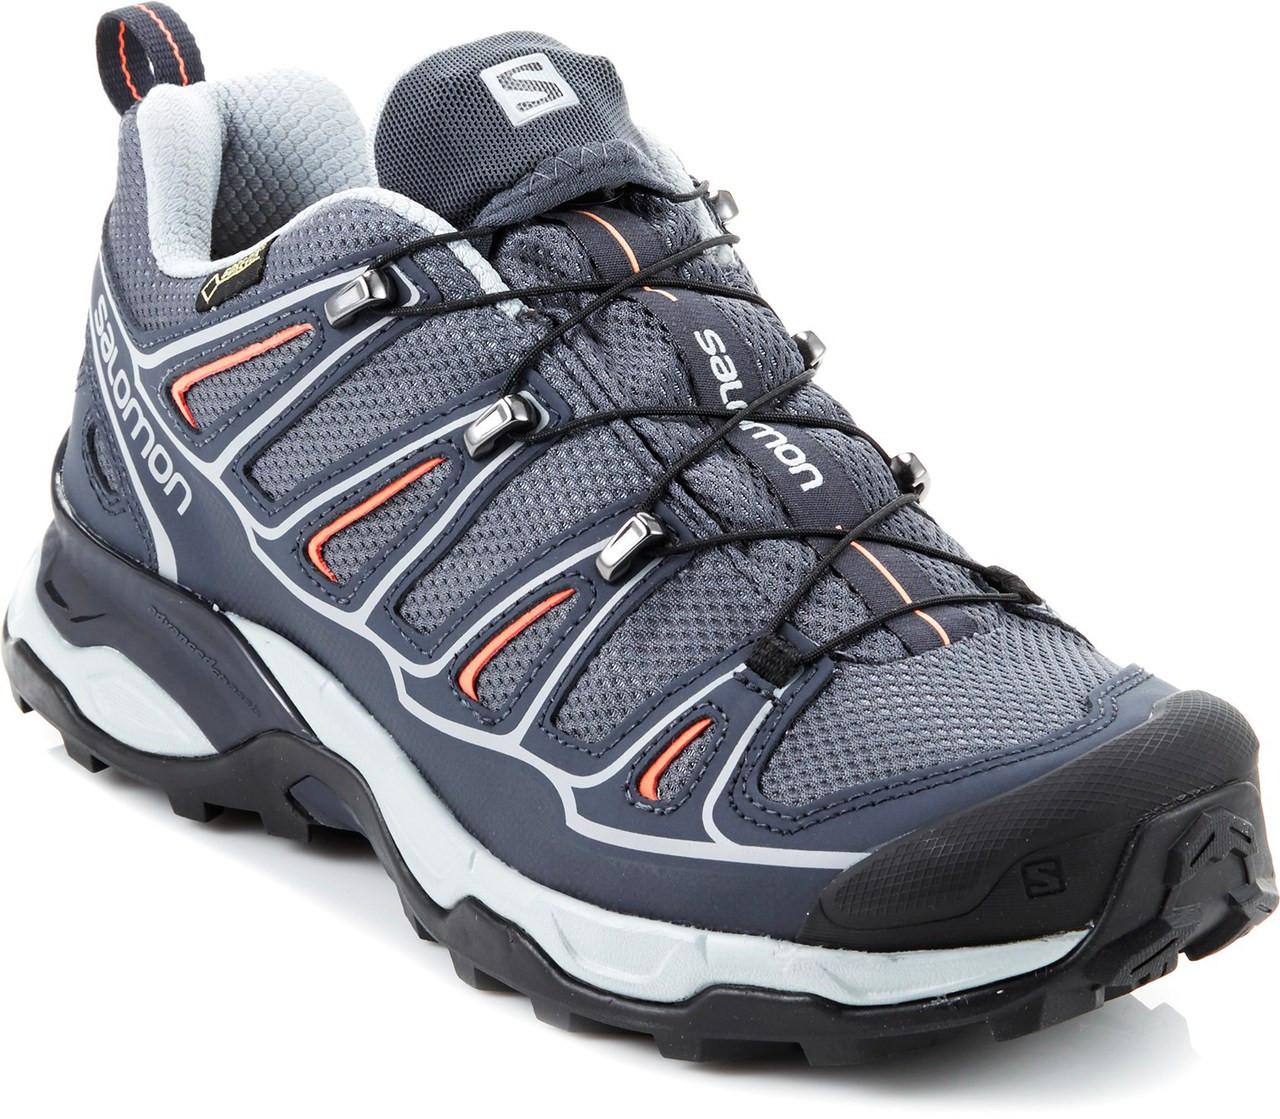 c0d5a2ac Salomon Women's X Ultra Low II GTX Hiking Shoes - Grey